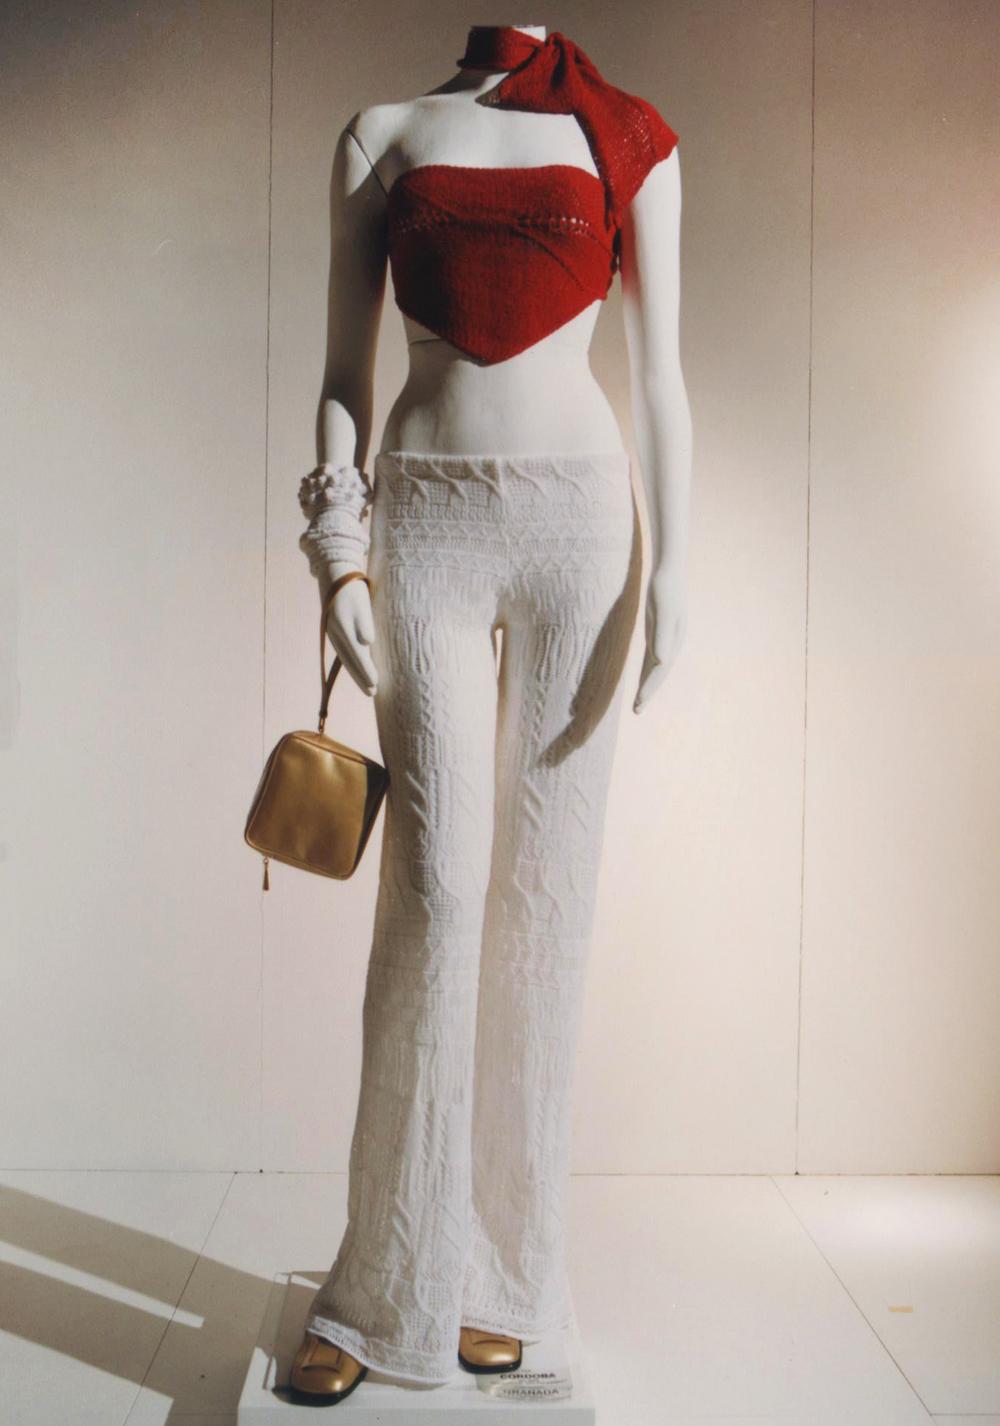 GiulianoeGiusyMarelli_ItalianSummer_2001_MadeInItaly_Knitwear_Design_9.jpg